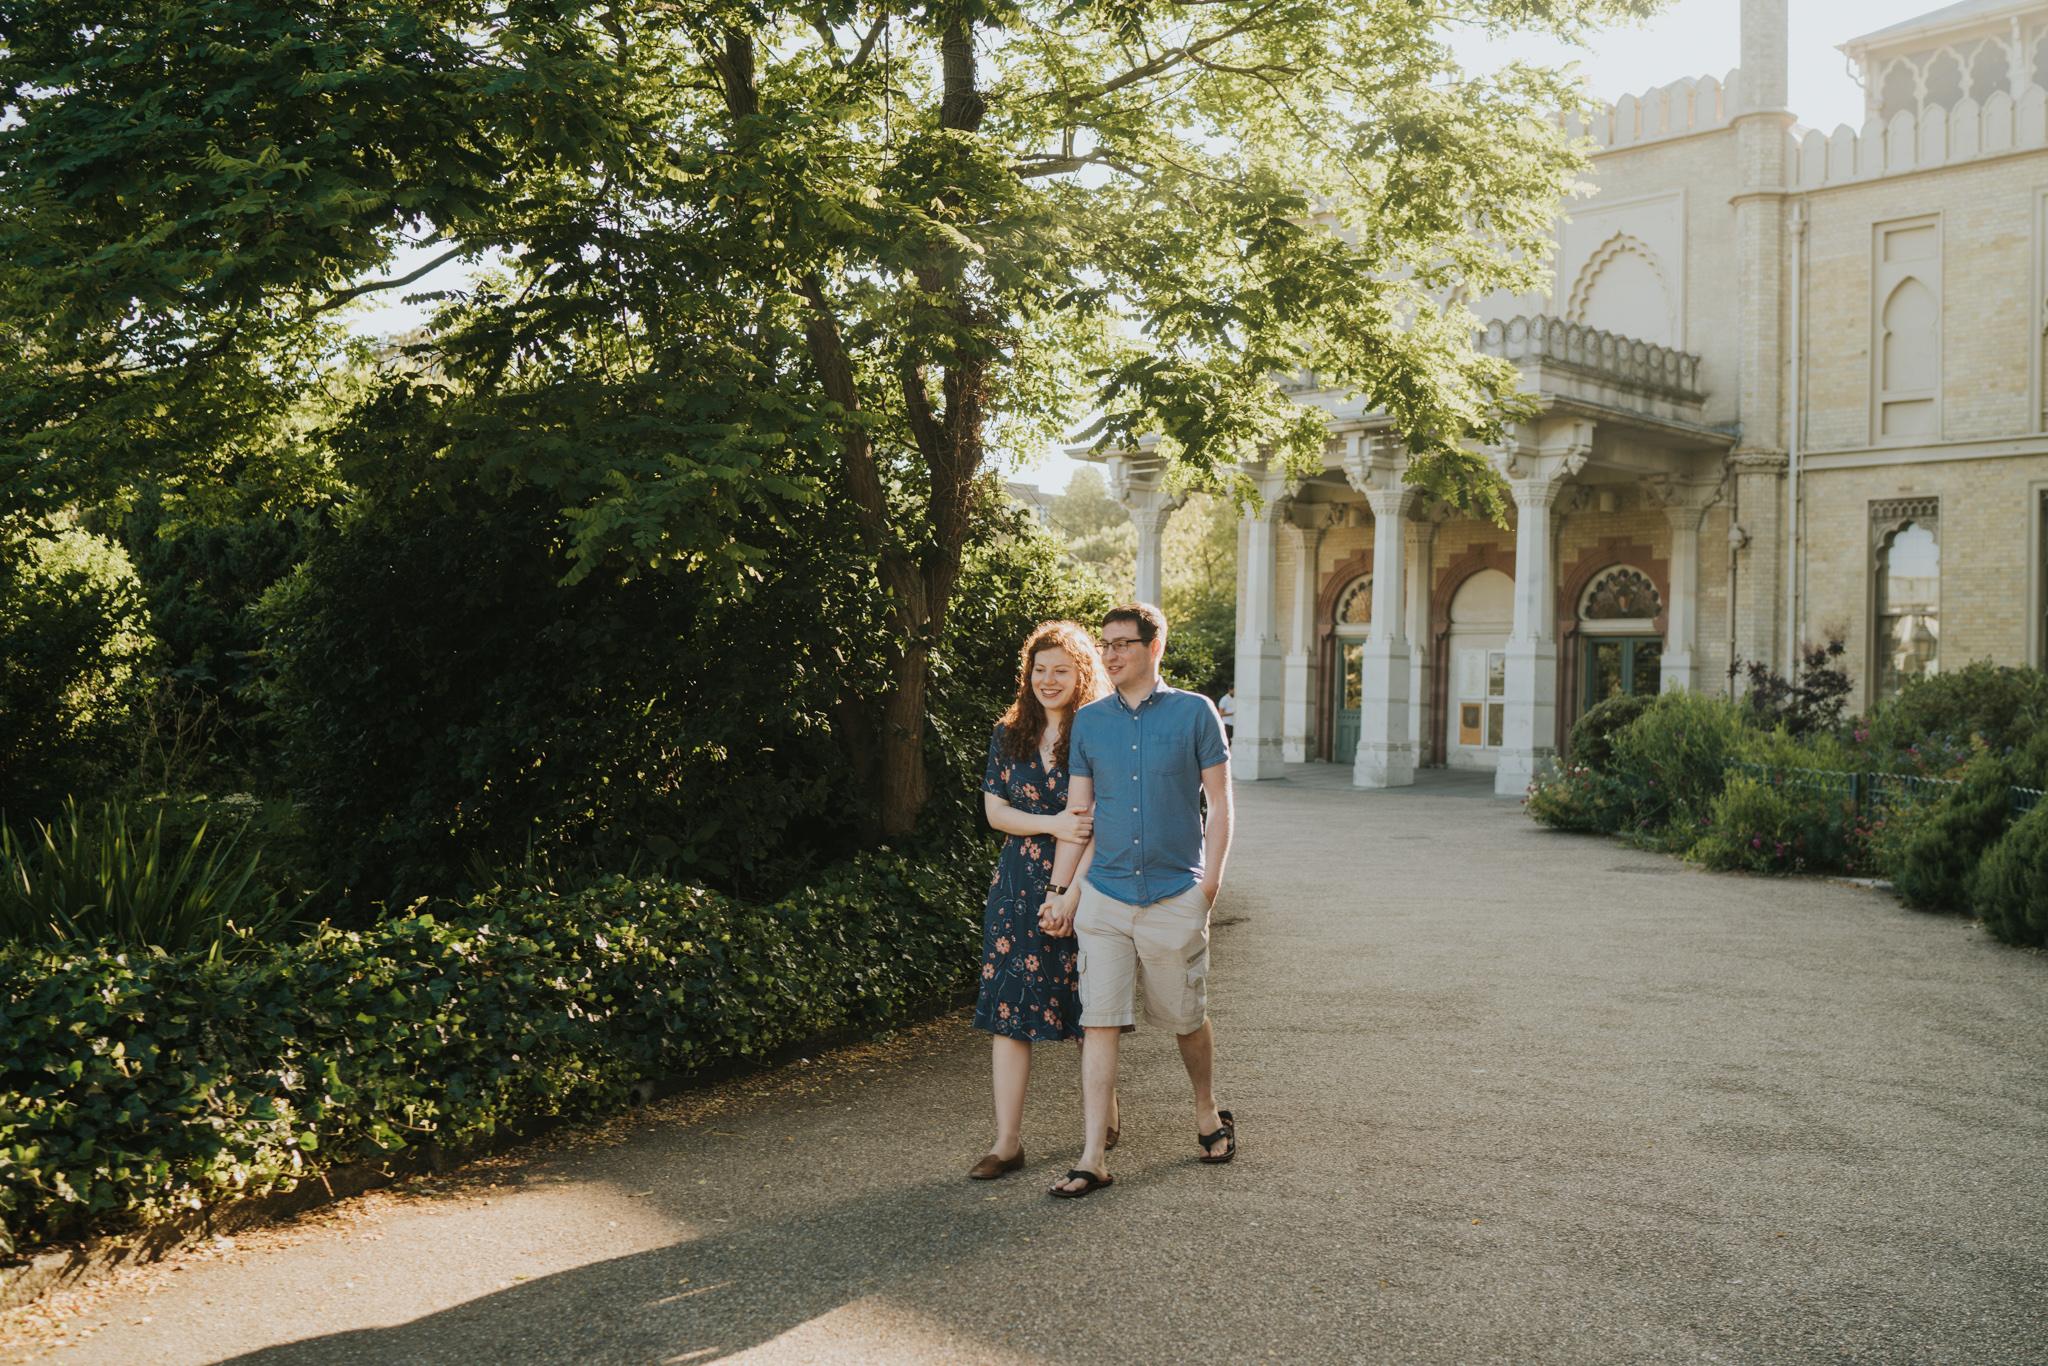 philippa-mark-pre-wedding-session-brighton-pier-colchester-grace-elizabeth-colchester-essex-alternative-wedding-lifestyle-photographer-essex-suffolk-norfolk-devon-34.jpg